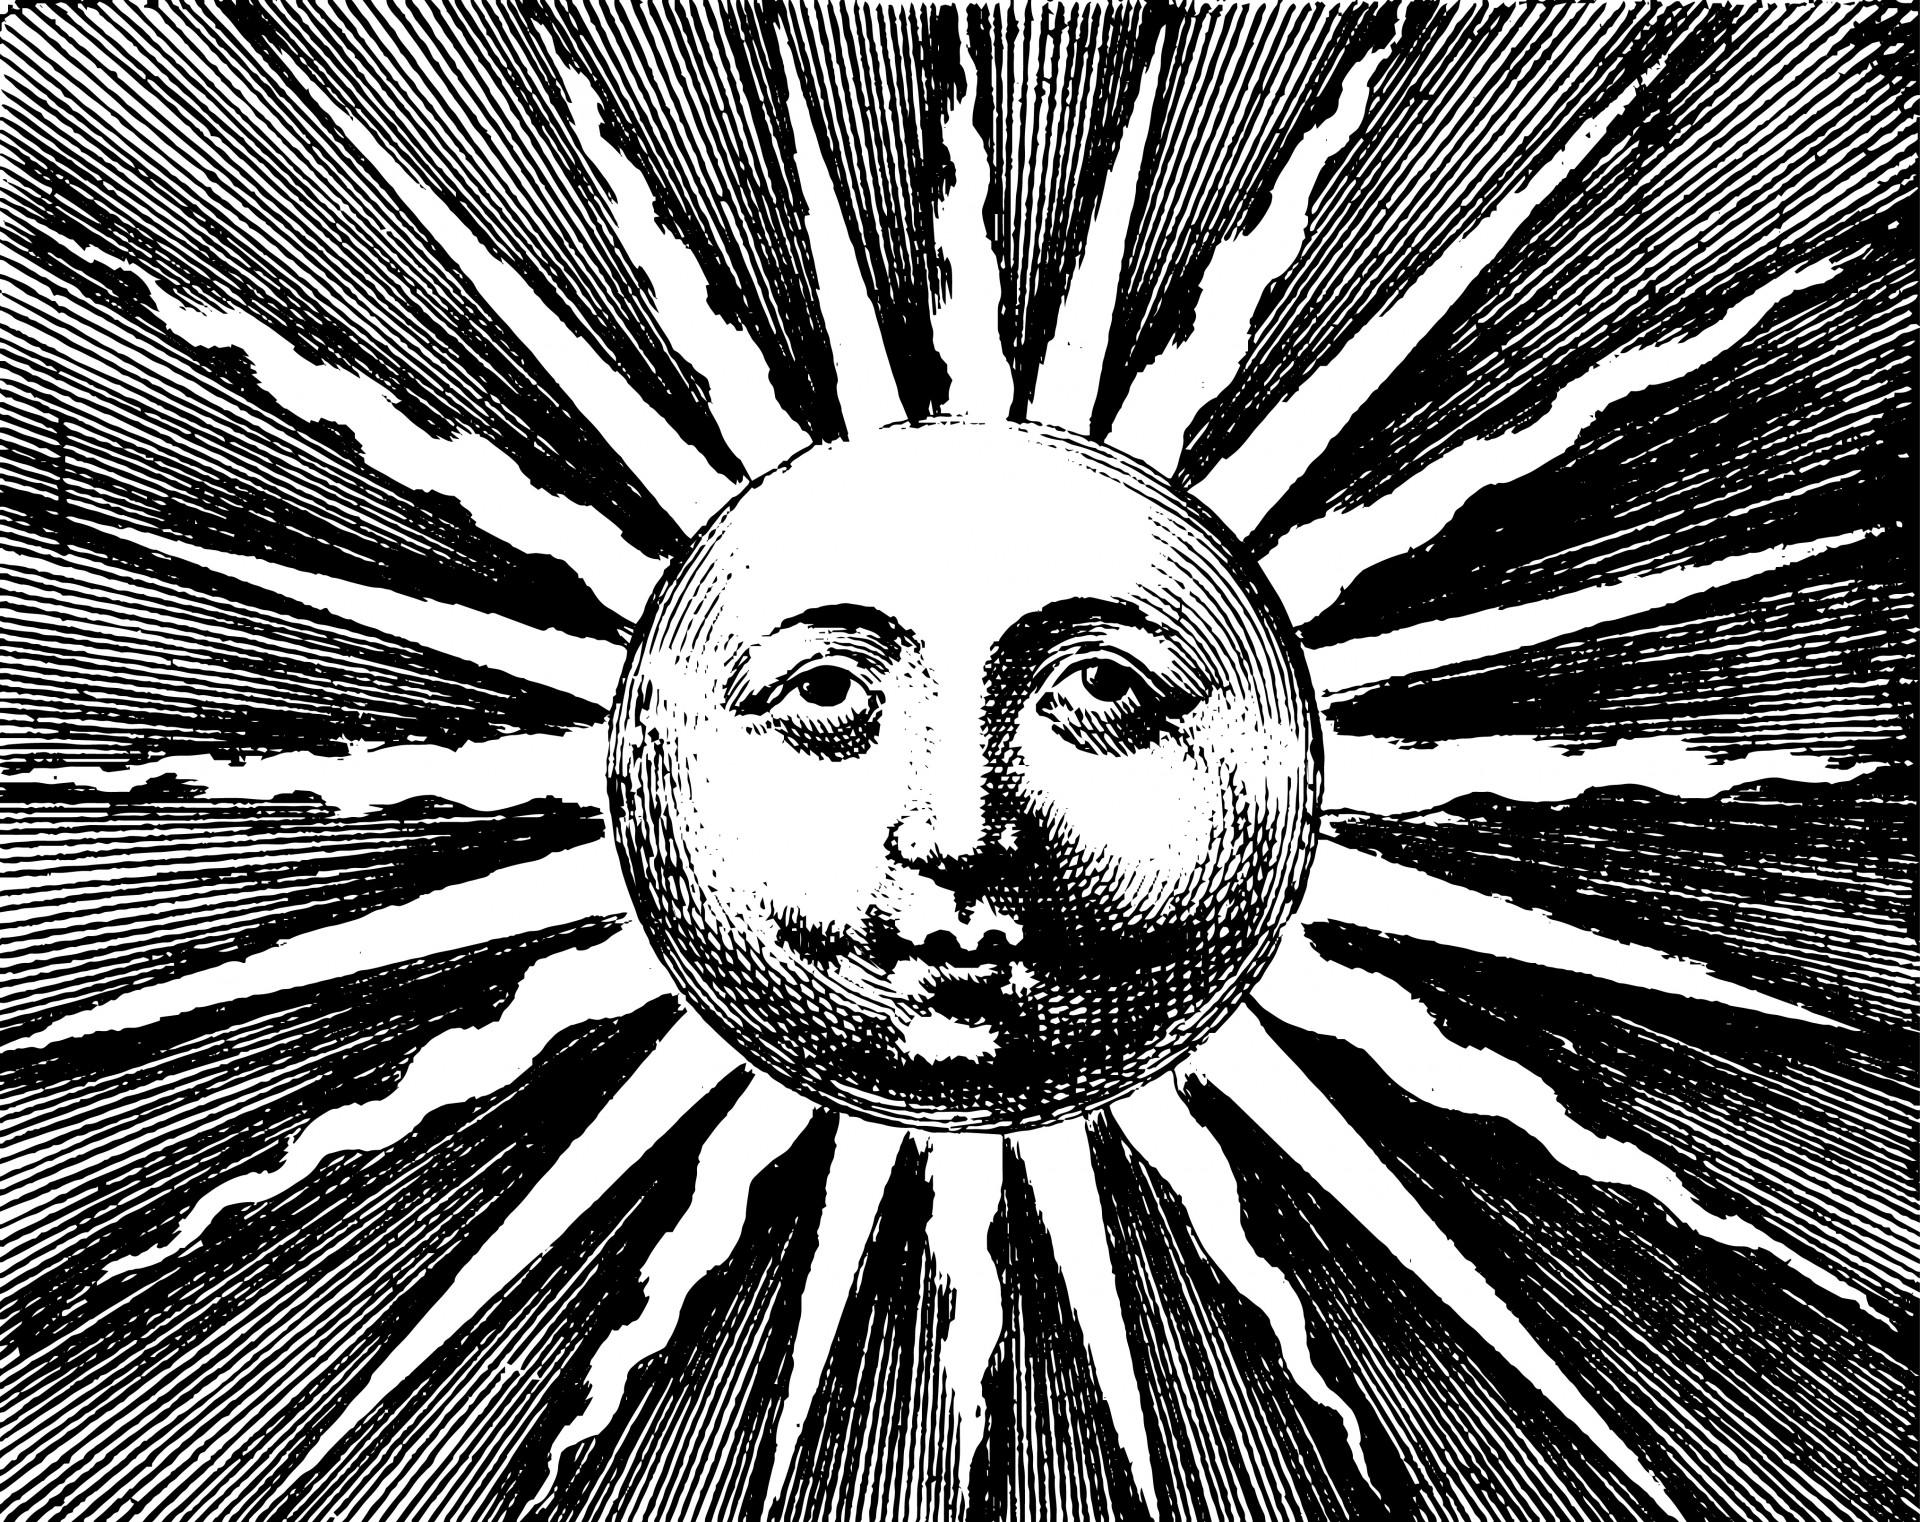 Clipart,clip art,graphic,illustration,sun.